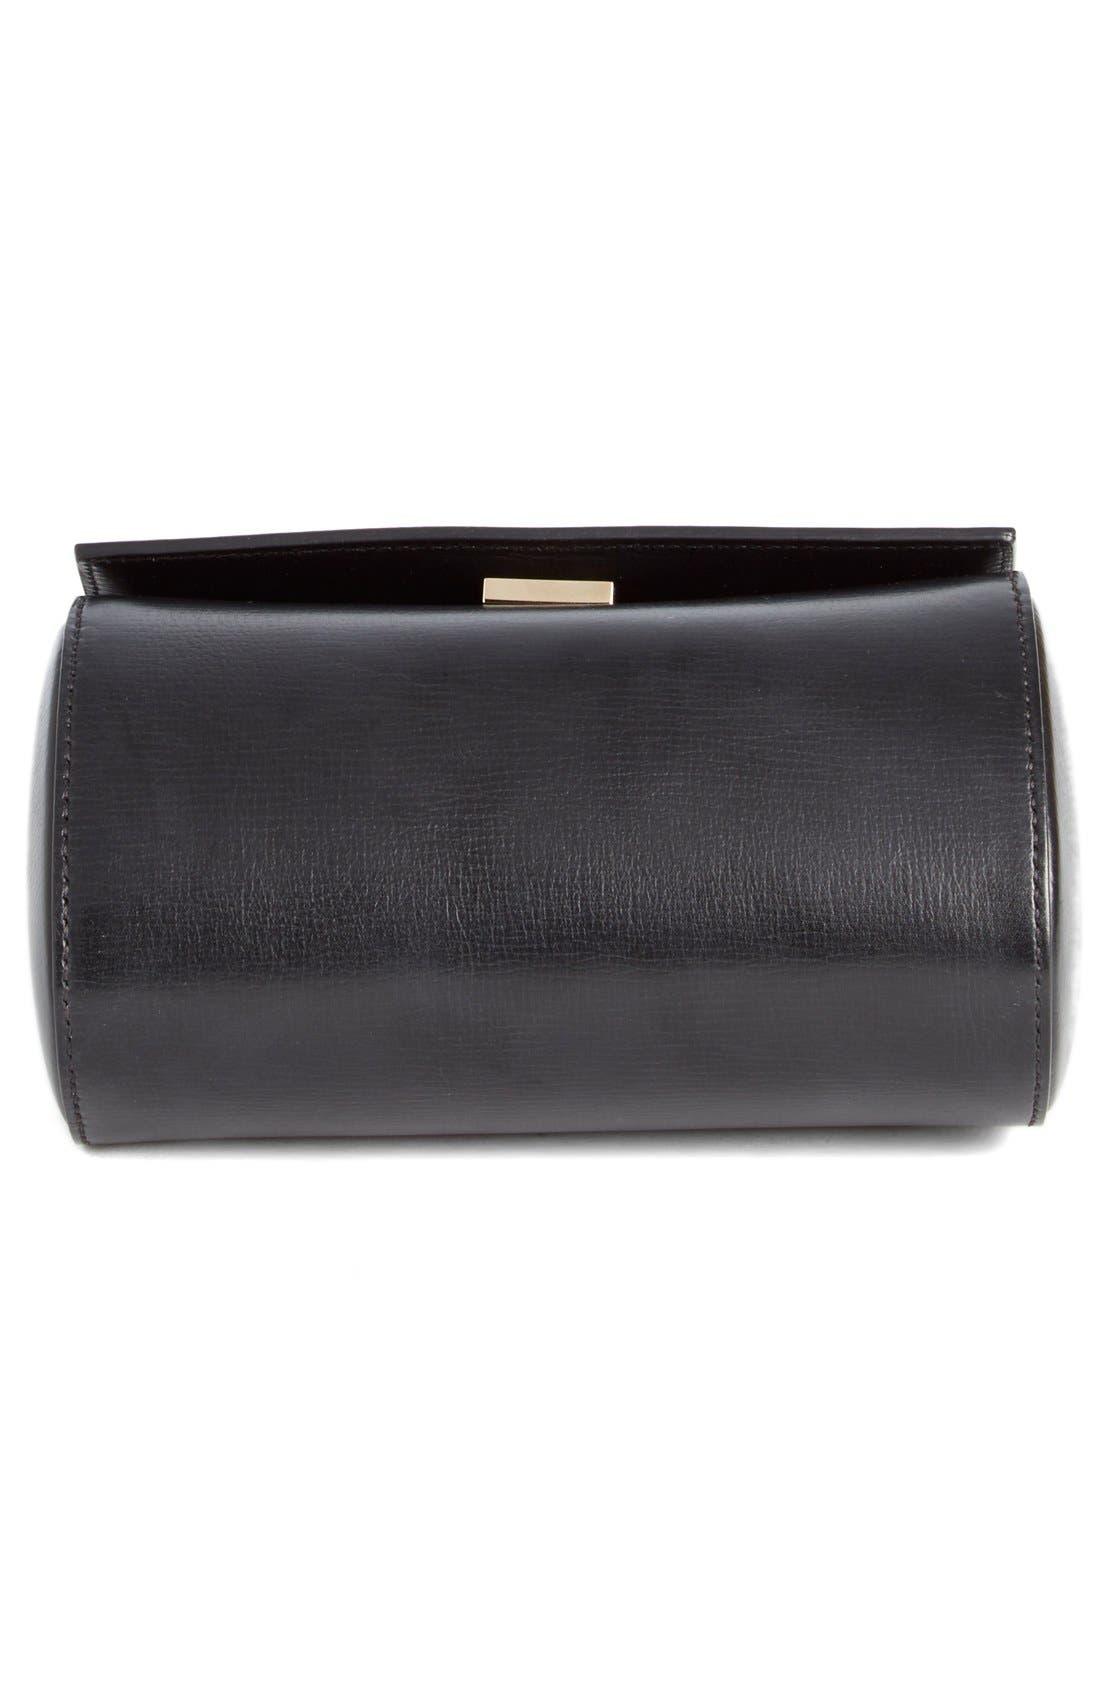 'Mini Pandora Box - Palma' Leather Shoulder Bag,                             Alternate thumbnail 4, color,                             001 BLACK